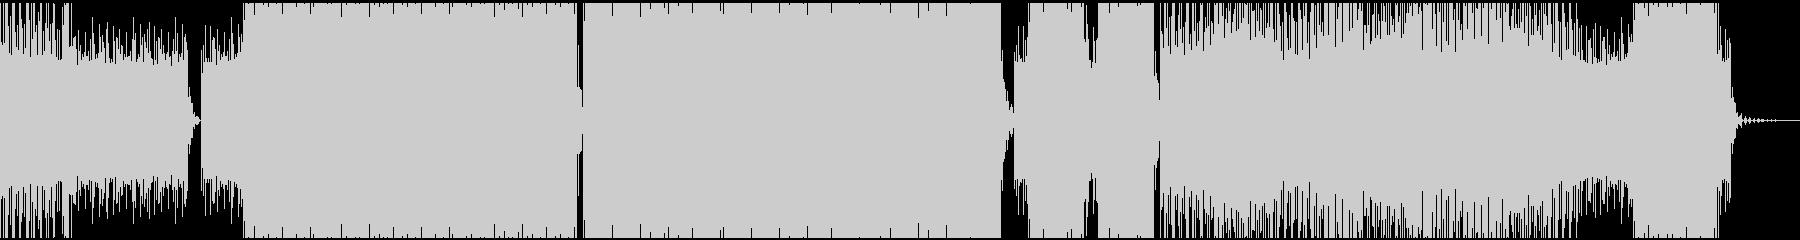 暗く儚い(はかない)アンビエントテクノの未再生の波形